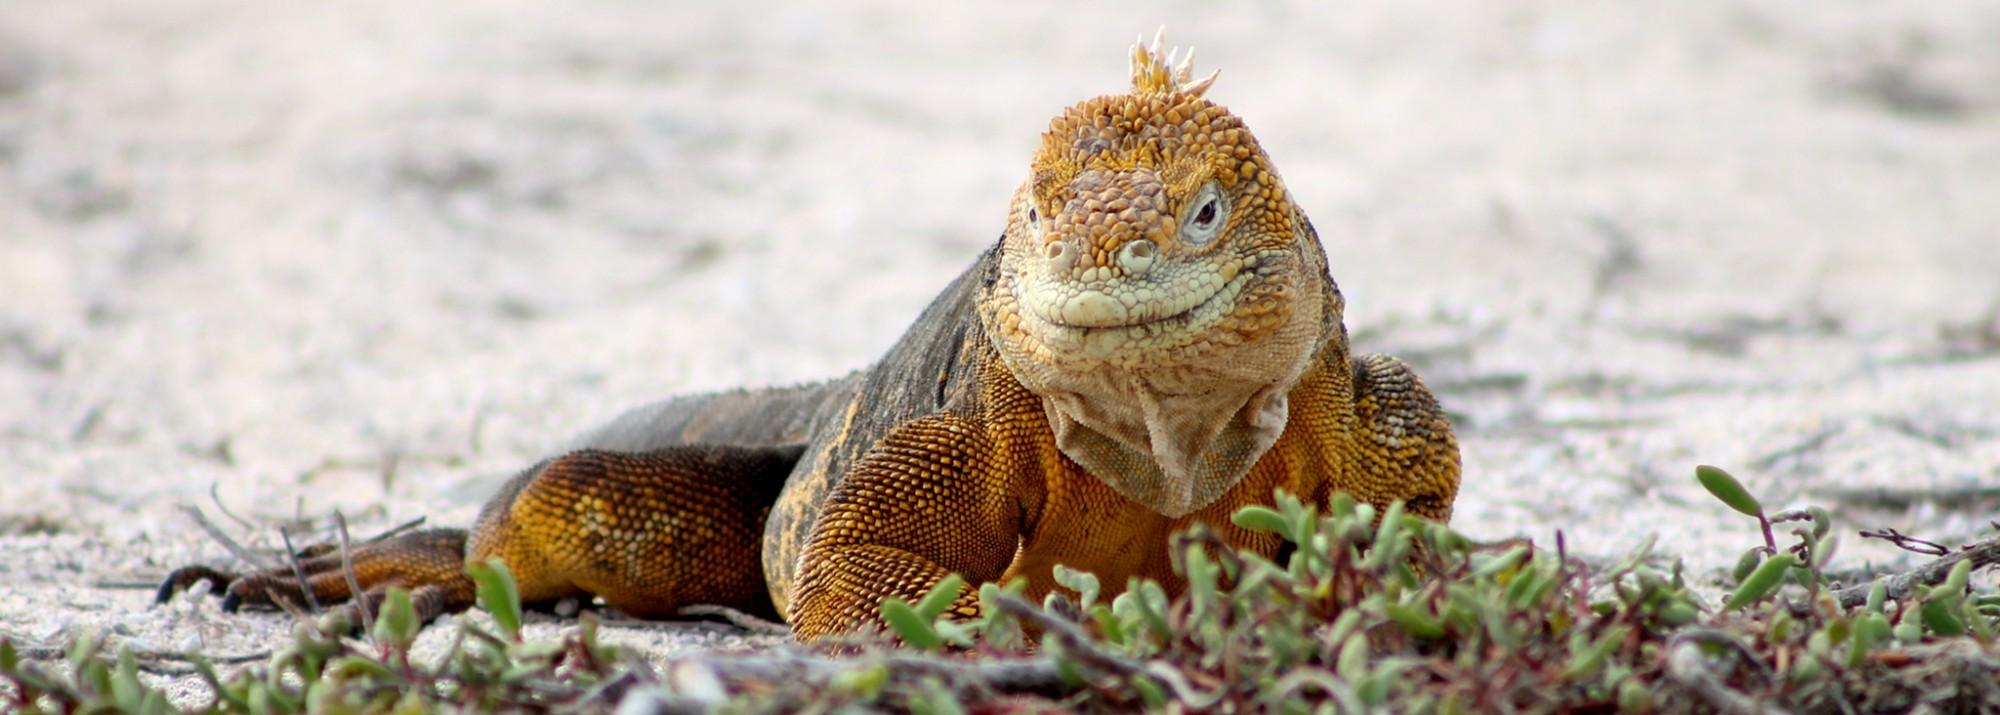 Galapagos, La Pinta, North Seymour